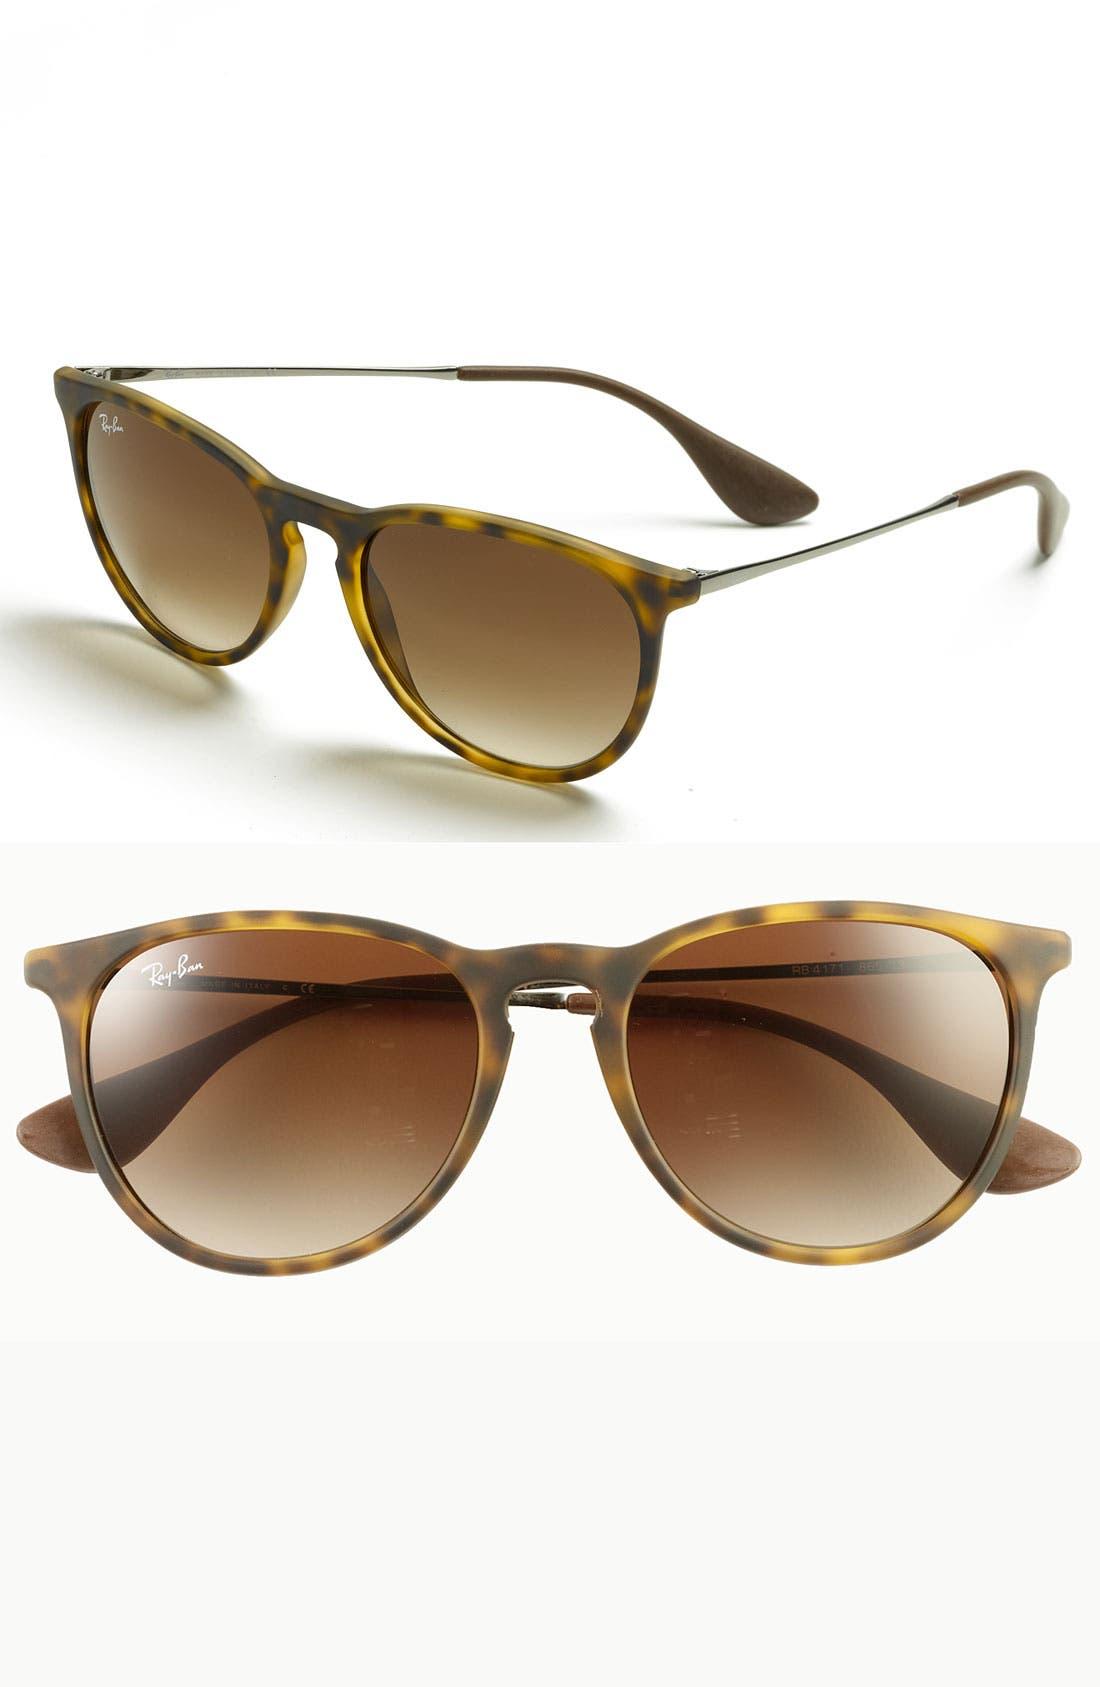 Erika Classic 54mm Sunglasses